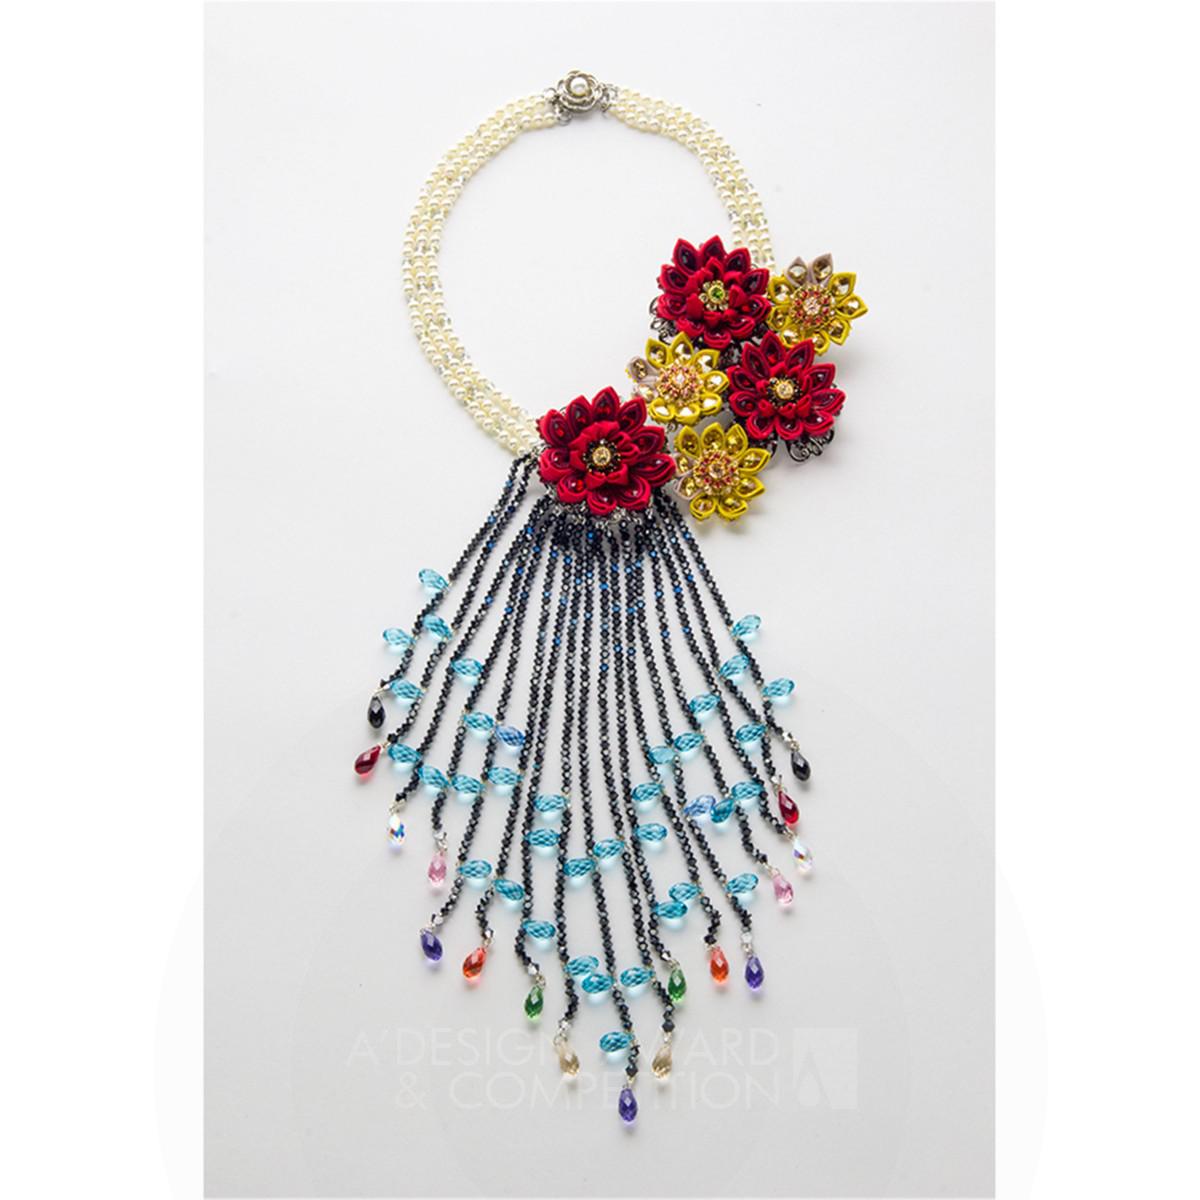 Phoenix in Bloom Necklace